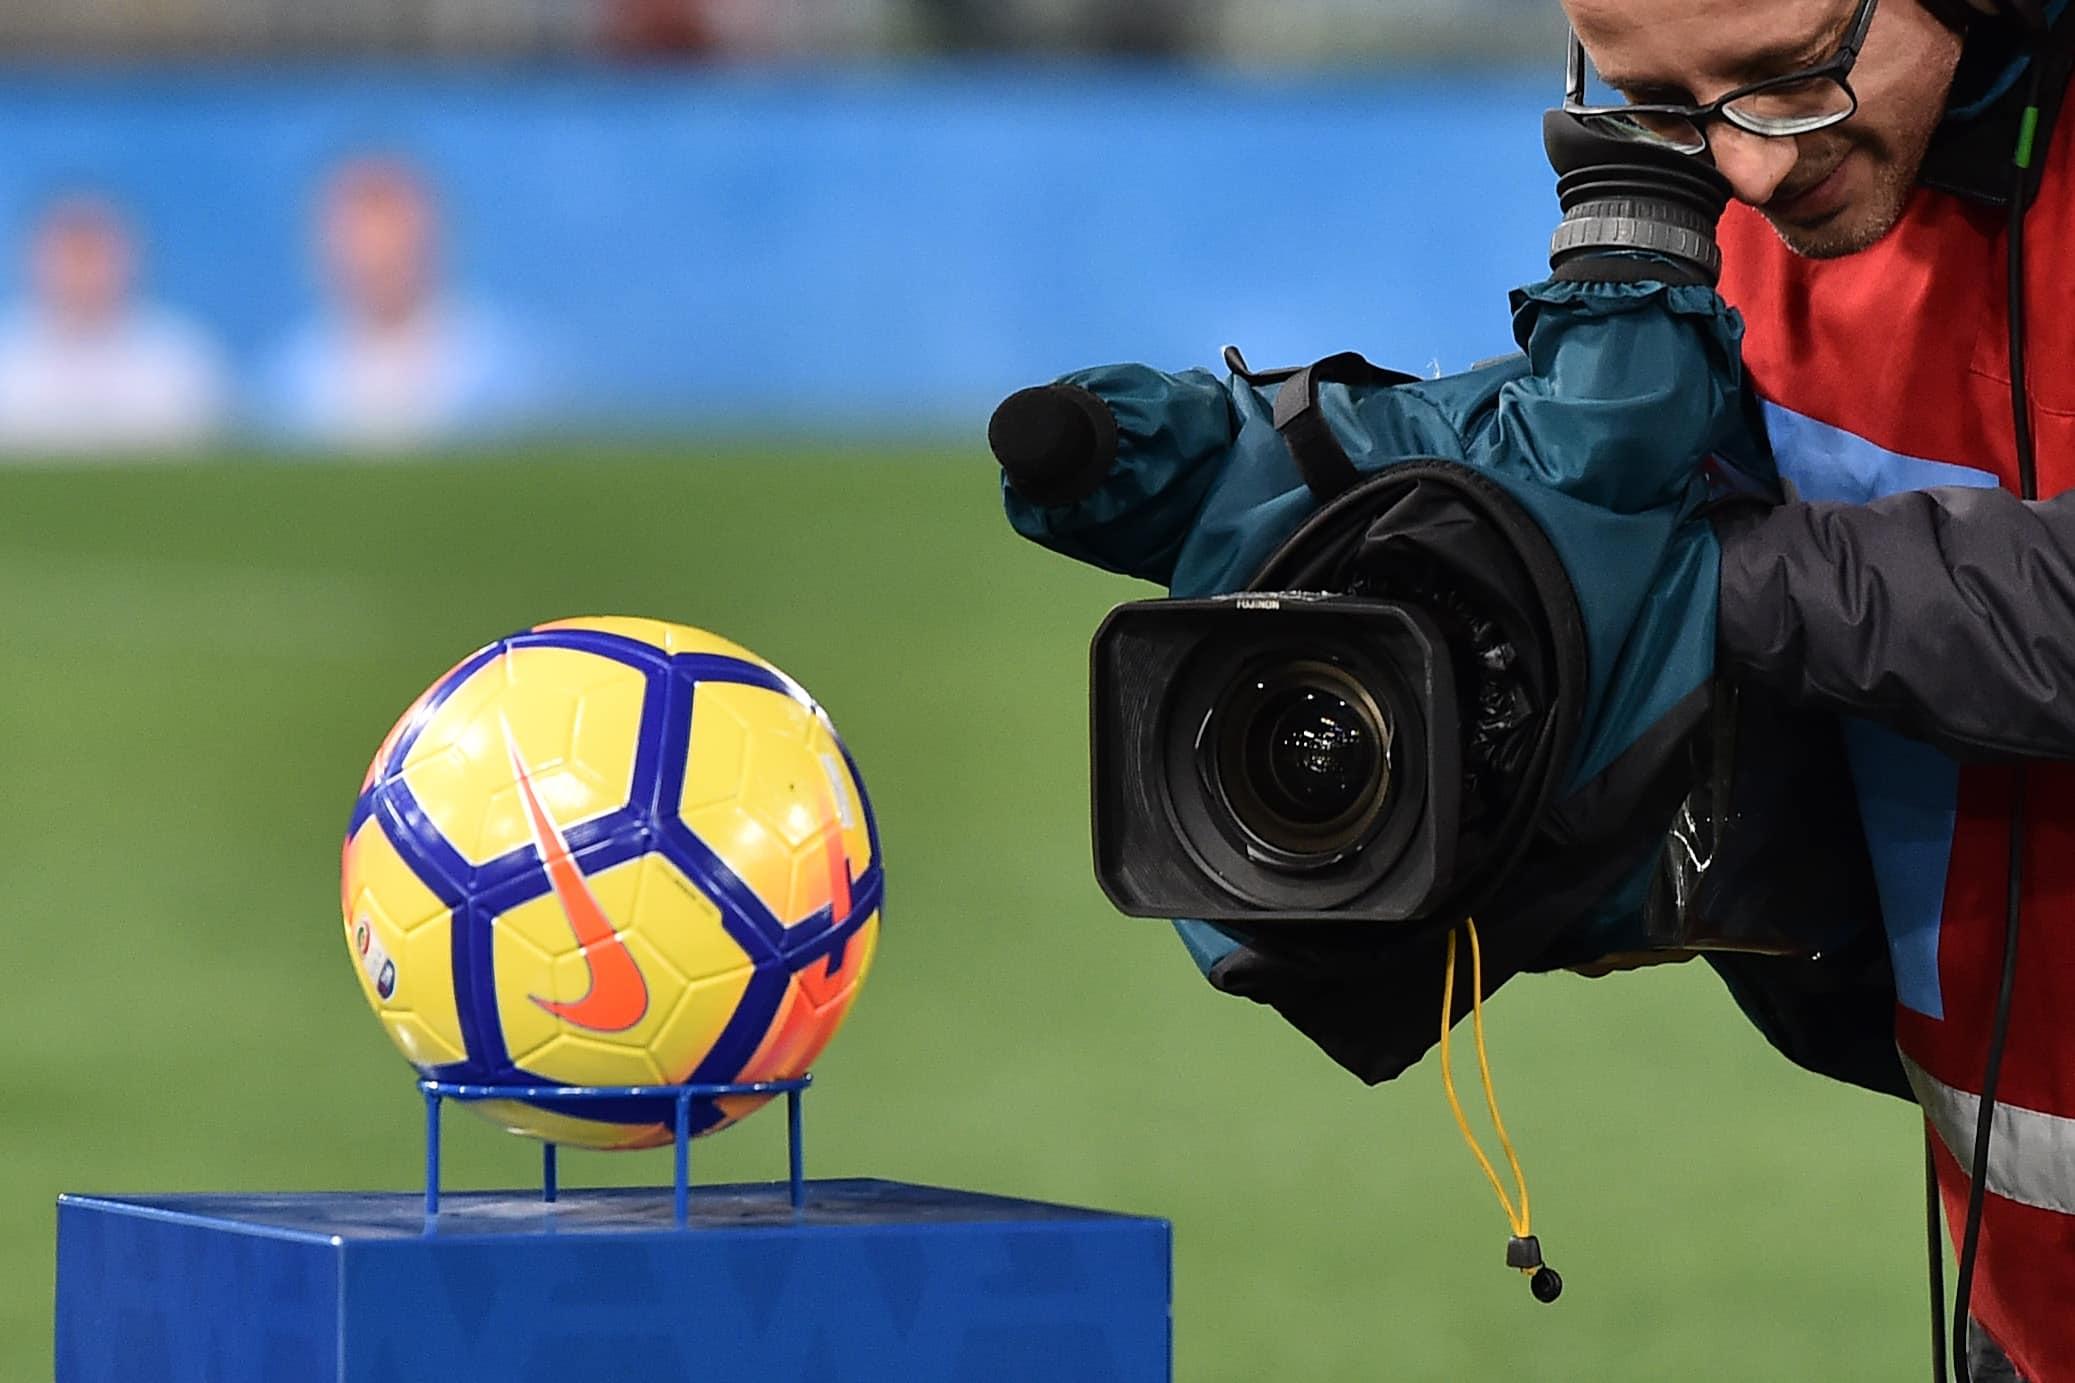 Pescara Camera Live : Pescara lecce ultimi minuti live gol del sole live stadio